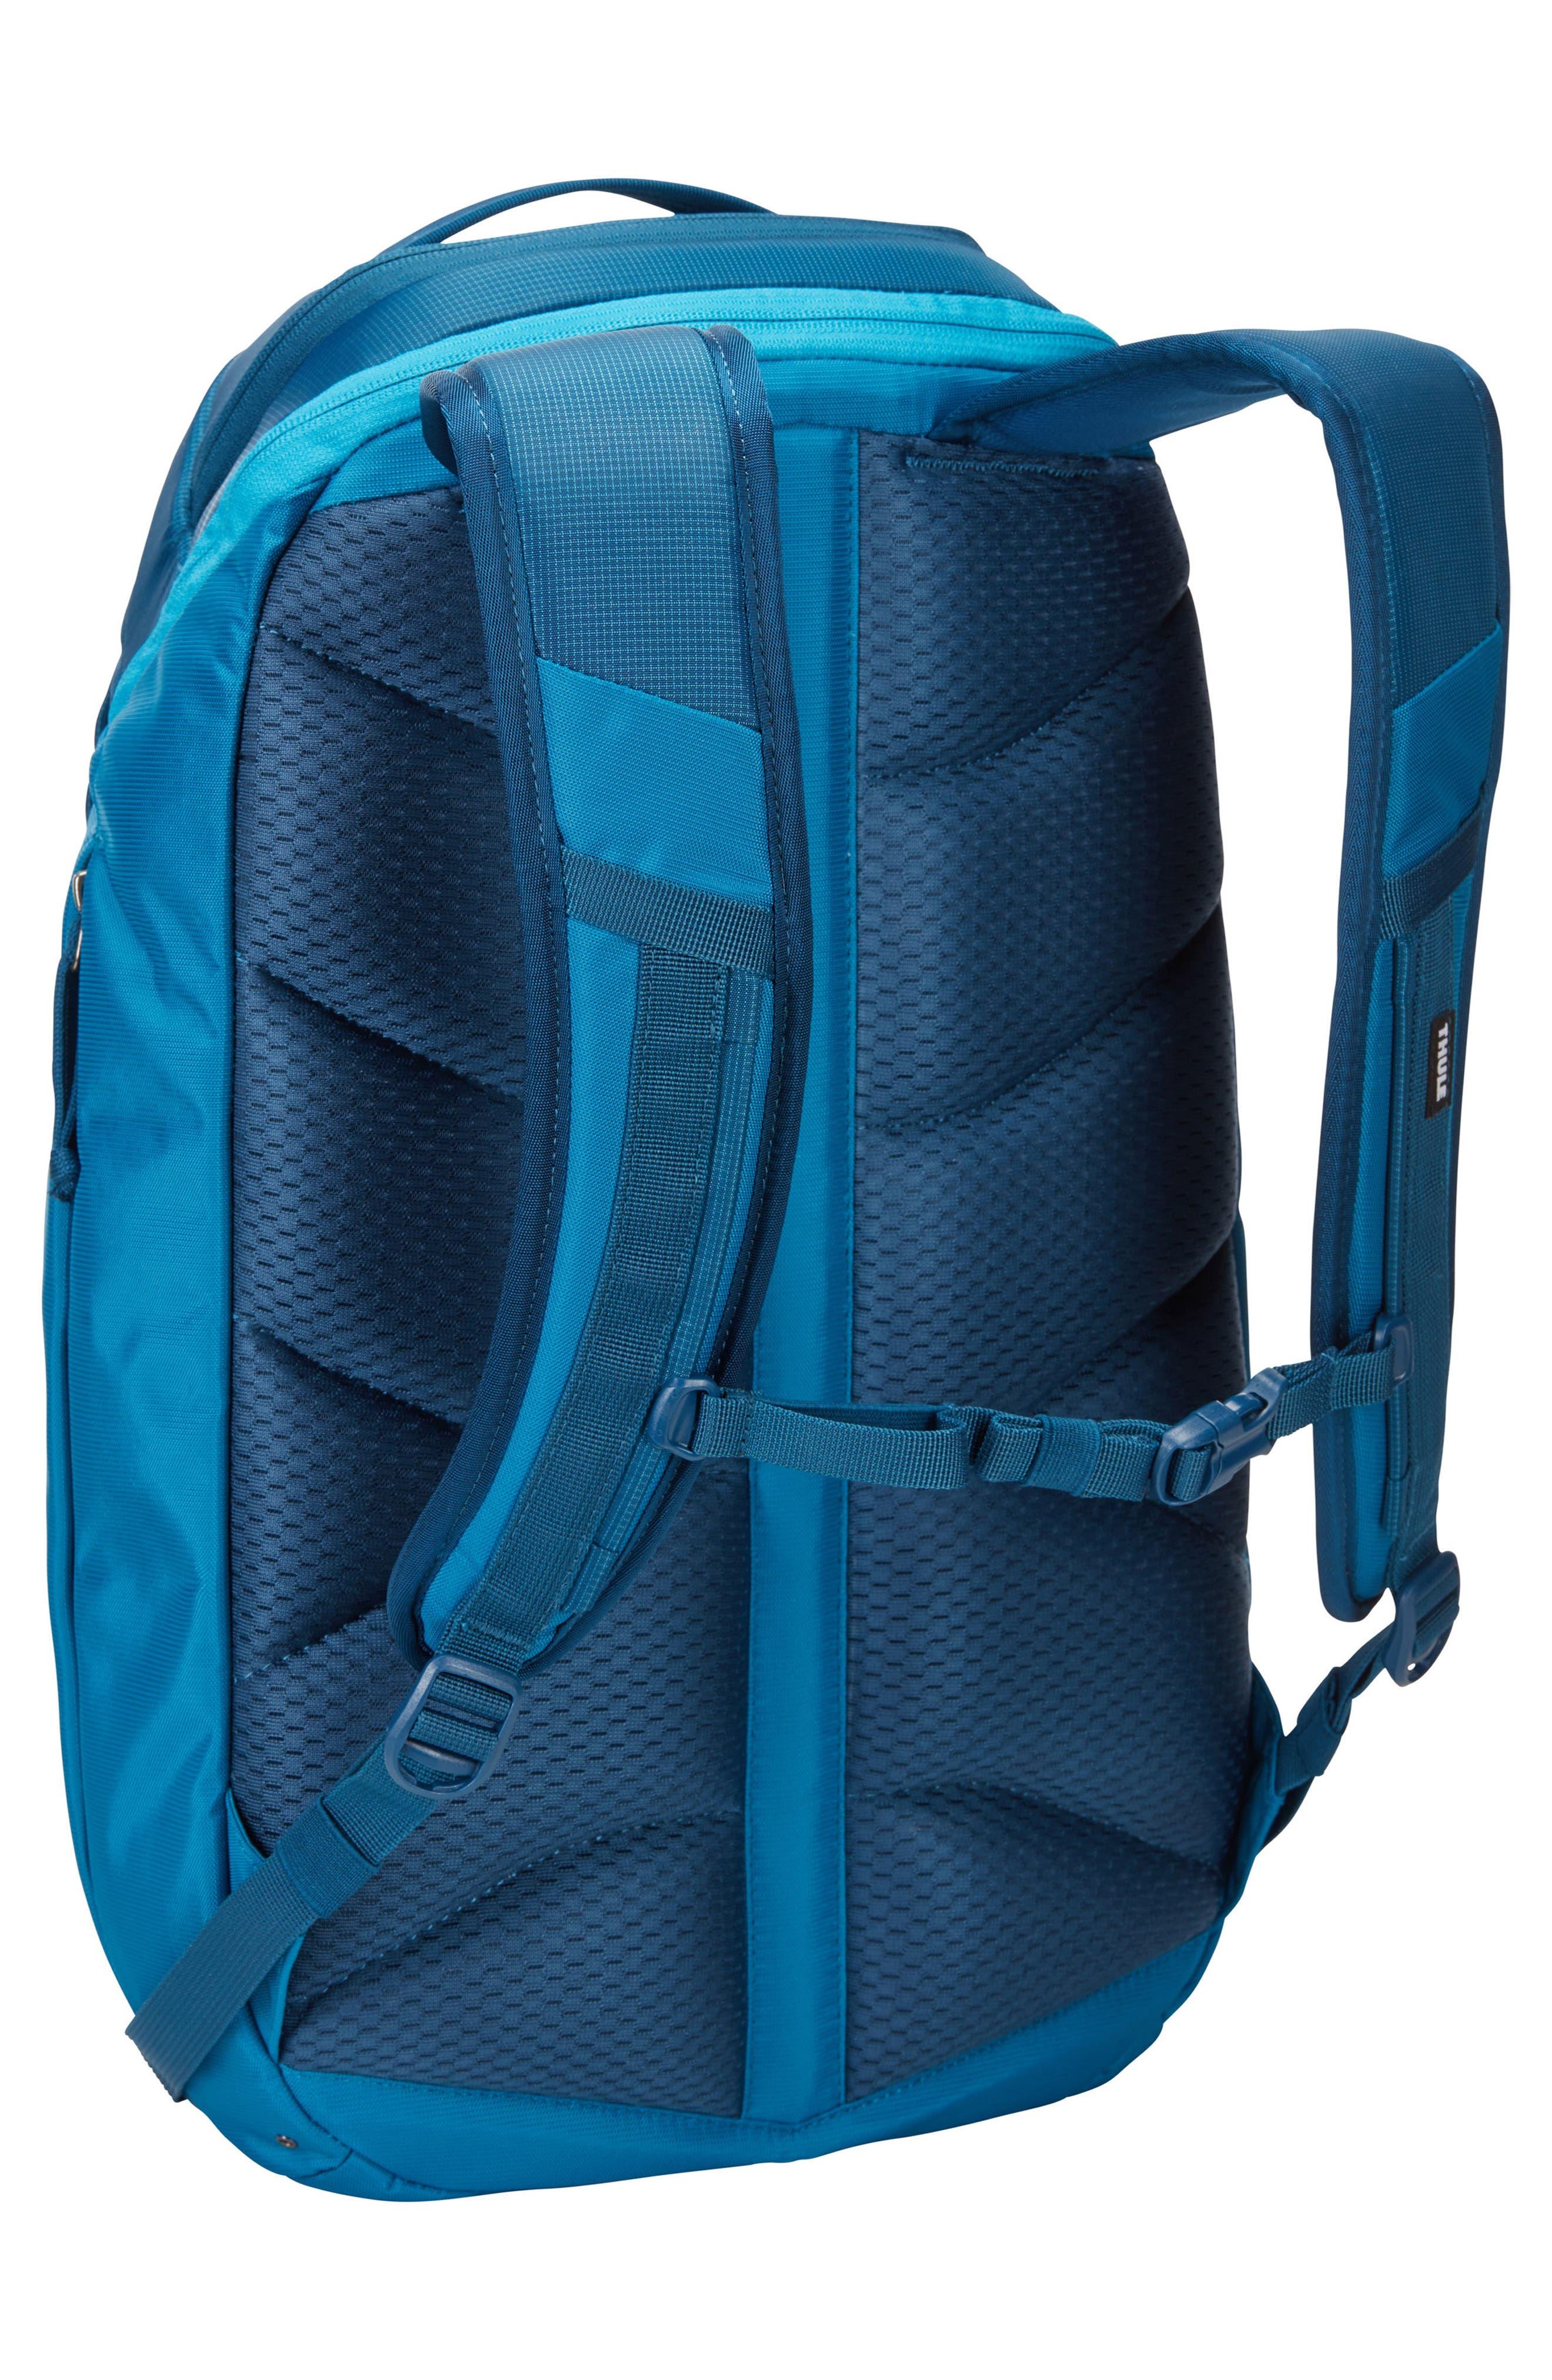 EnRoute Backpack,                             Alternate thumbnail 2, color,                             Poseidon